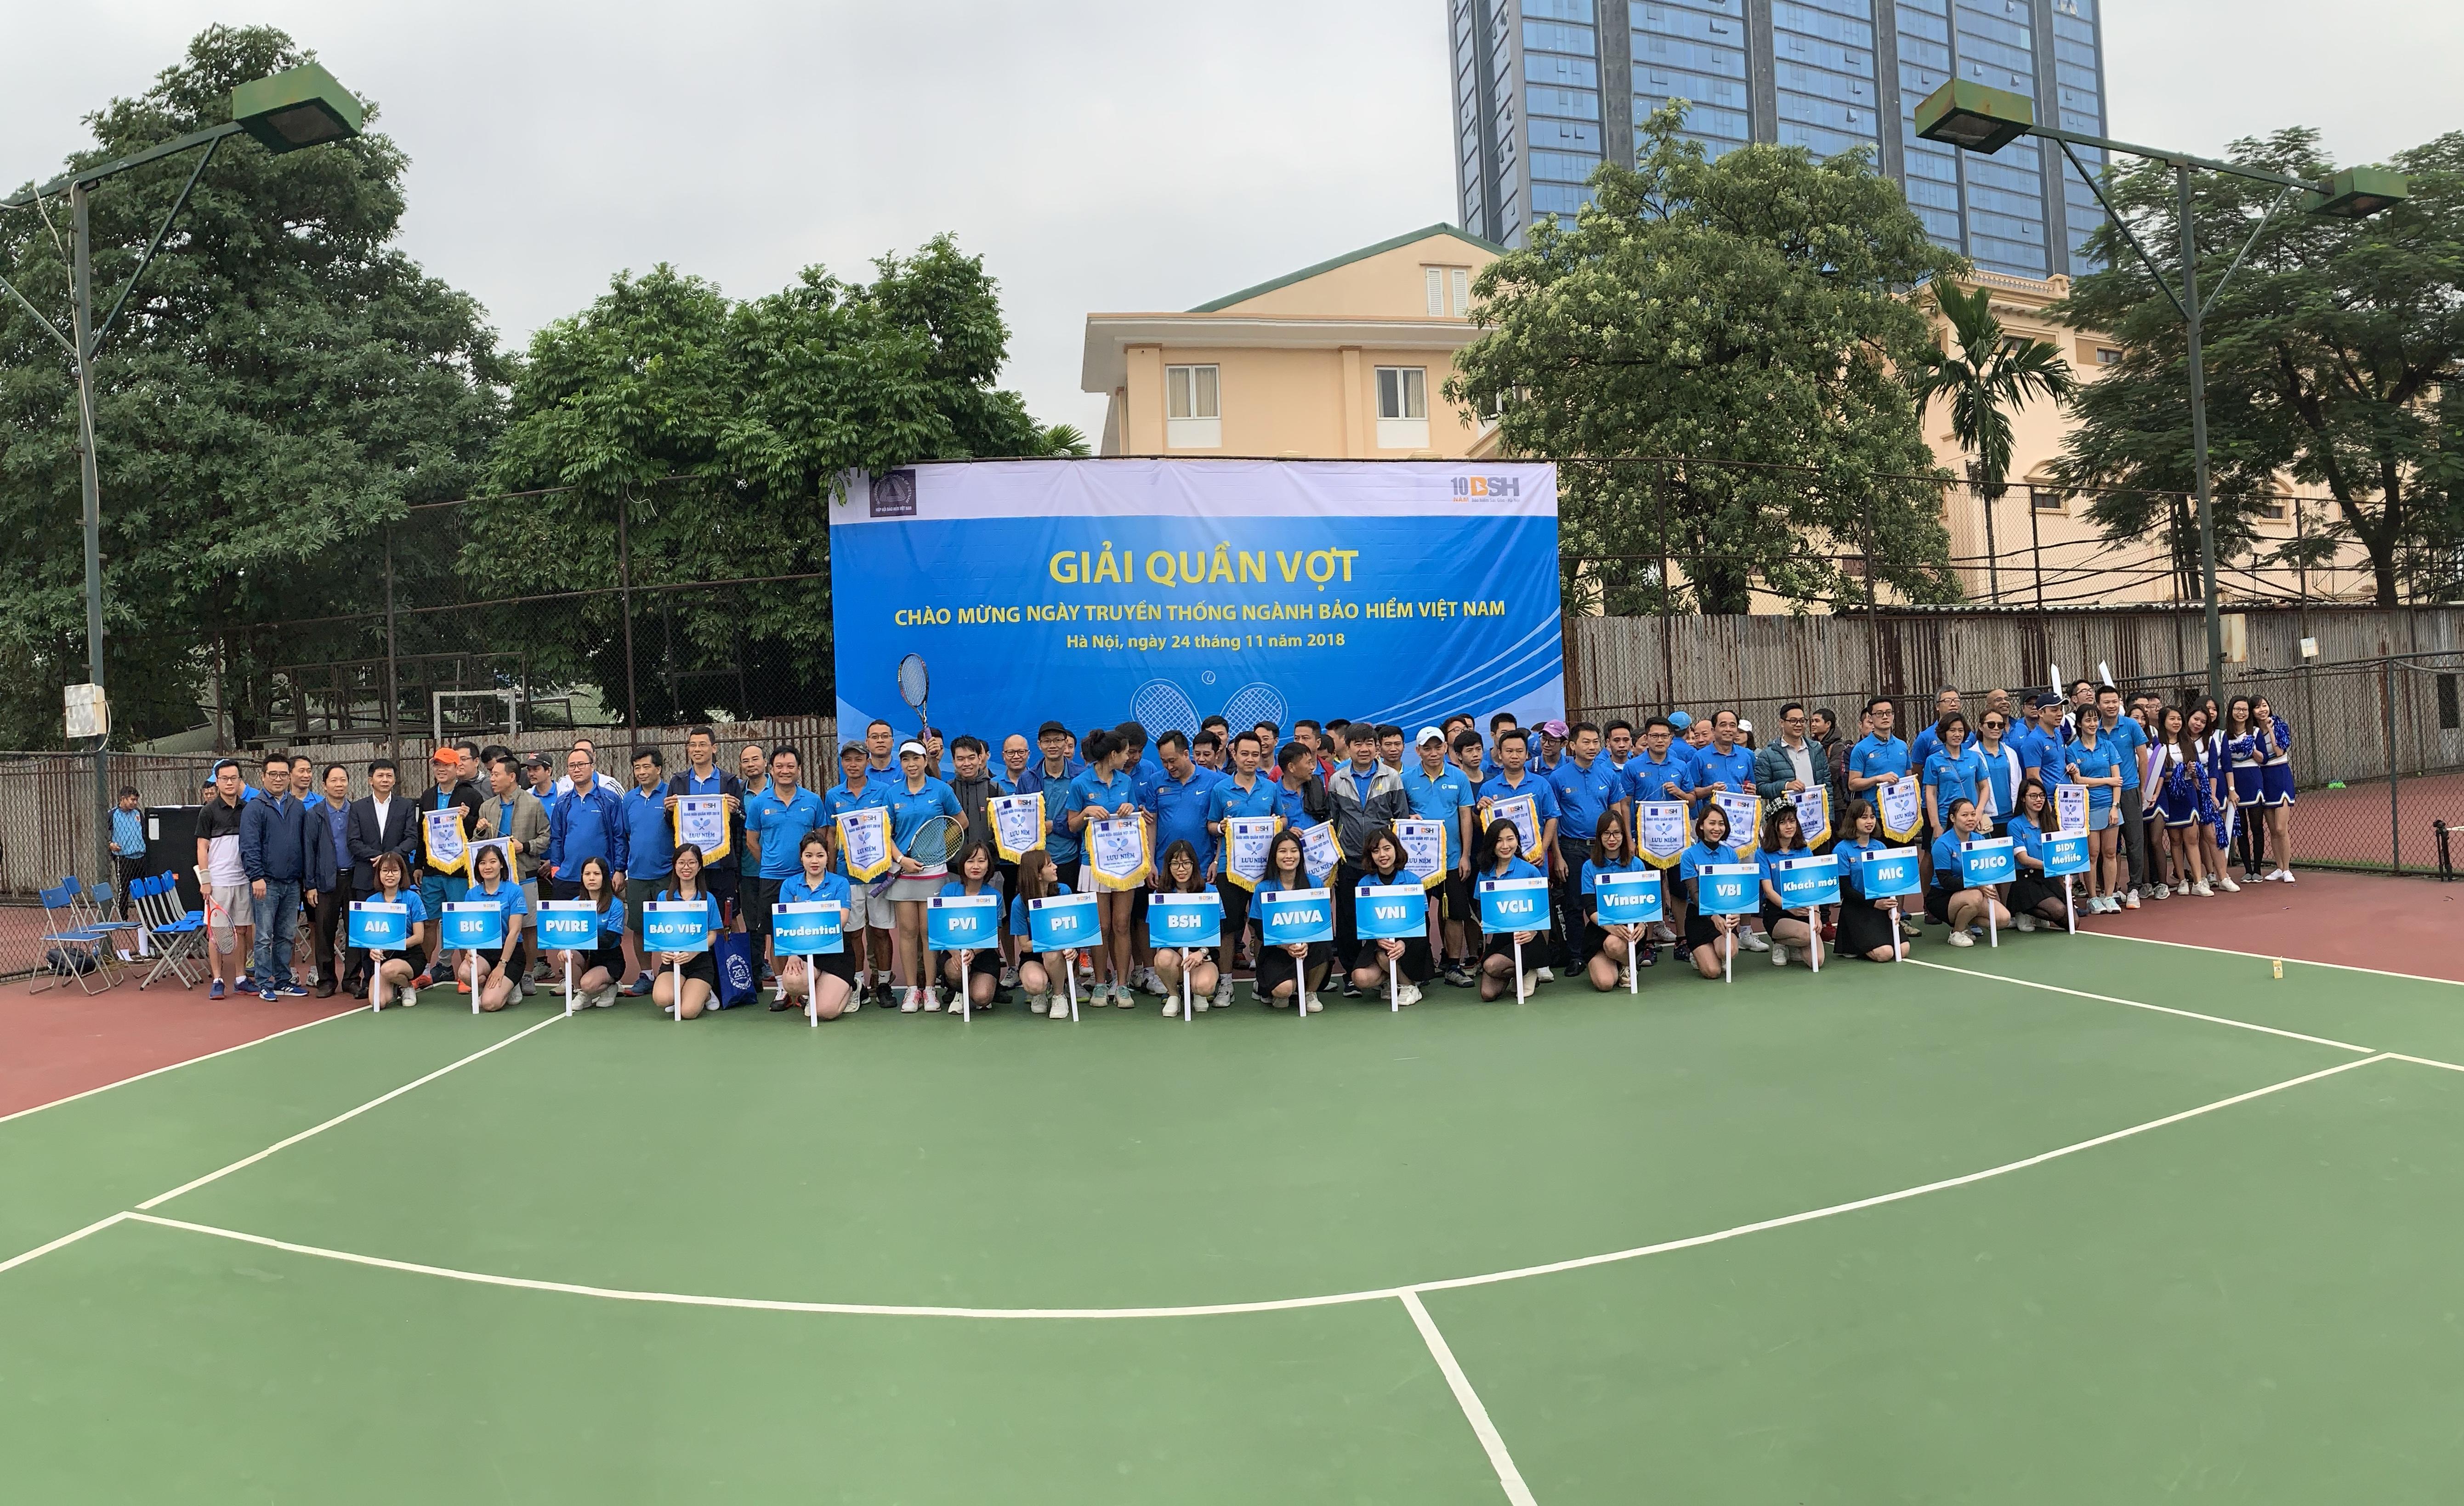 Giải quần vợt giao hữu ngành bảo hiểm Việt Nam